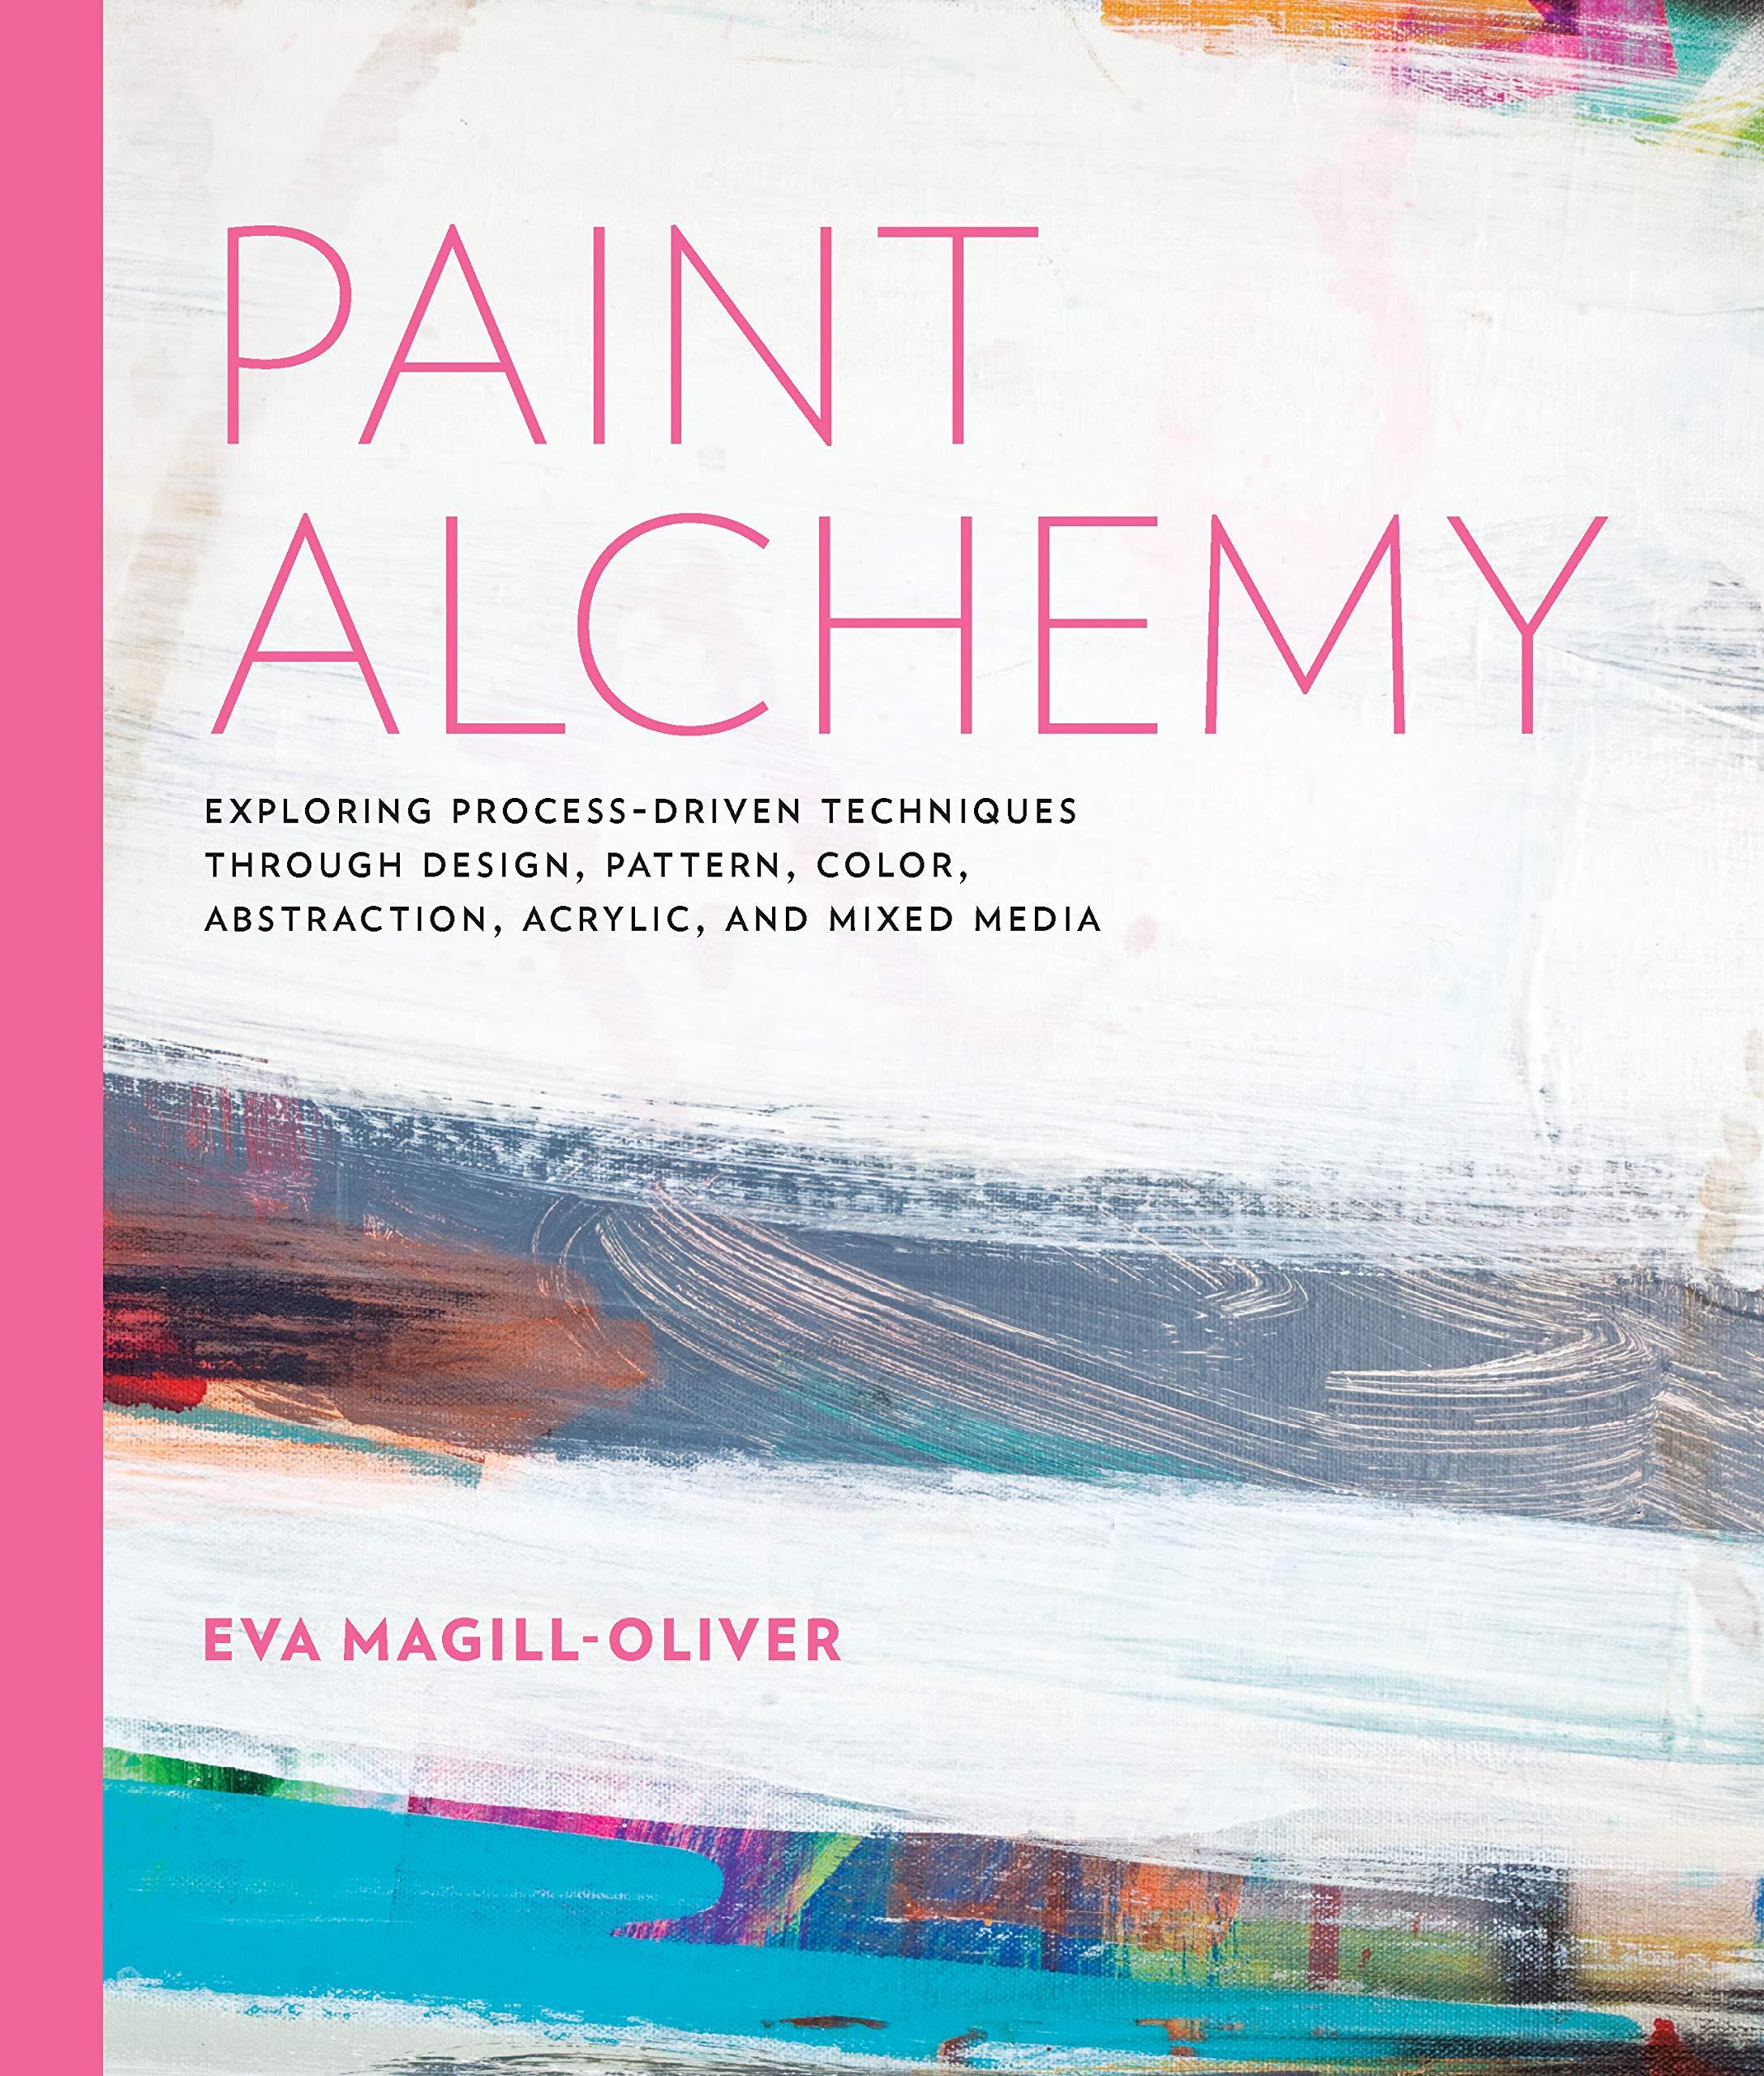 https://www.amazon.com/Paint-Alchemy-Process-Driven-Techniques-Abstraction/dp/1631595962/ref=sr_1_1?ie=UTF8&qid=1541451503&sr=8-1&keywords=paint+alchemy